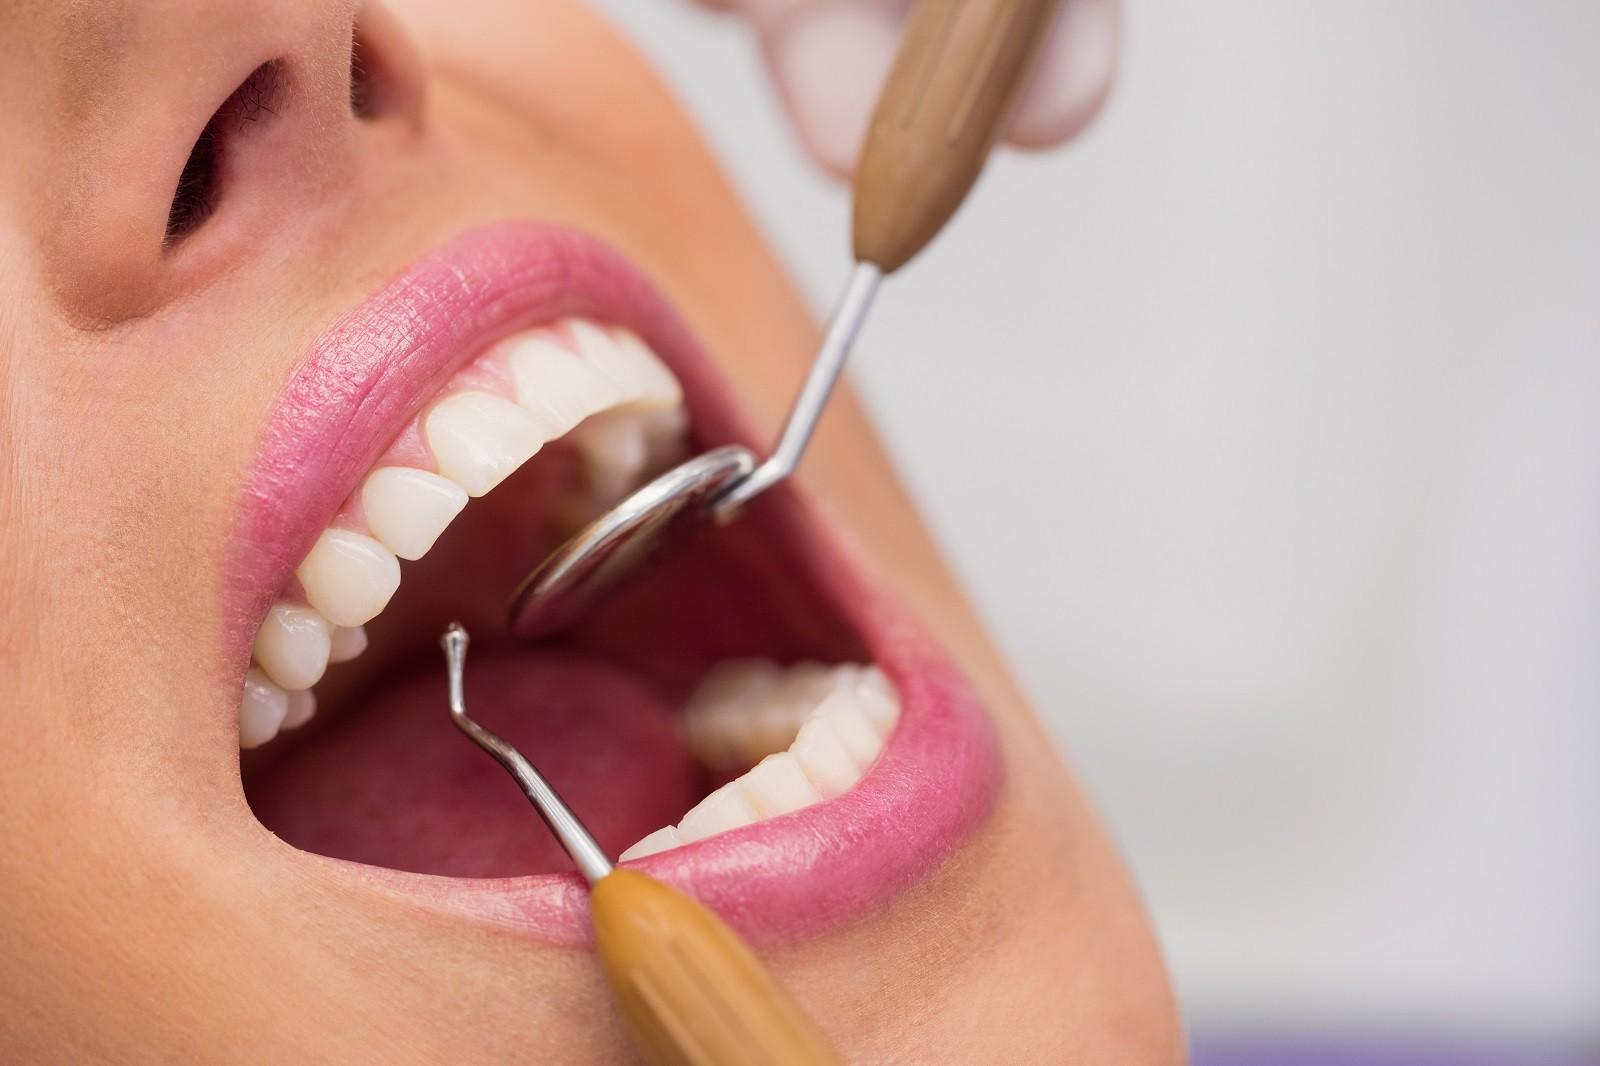 Przegląd uzębienia - Gabinet Uśmiechu - Gabinet Stomatologiczny